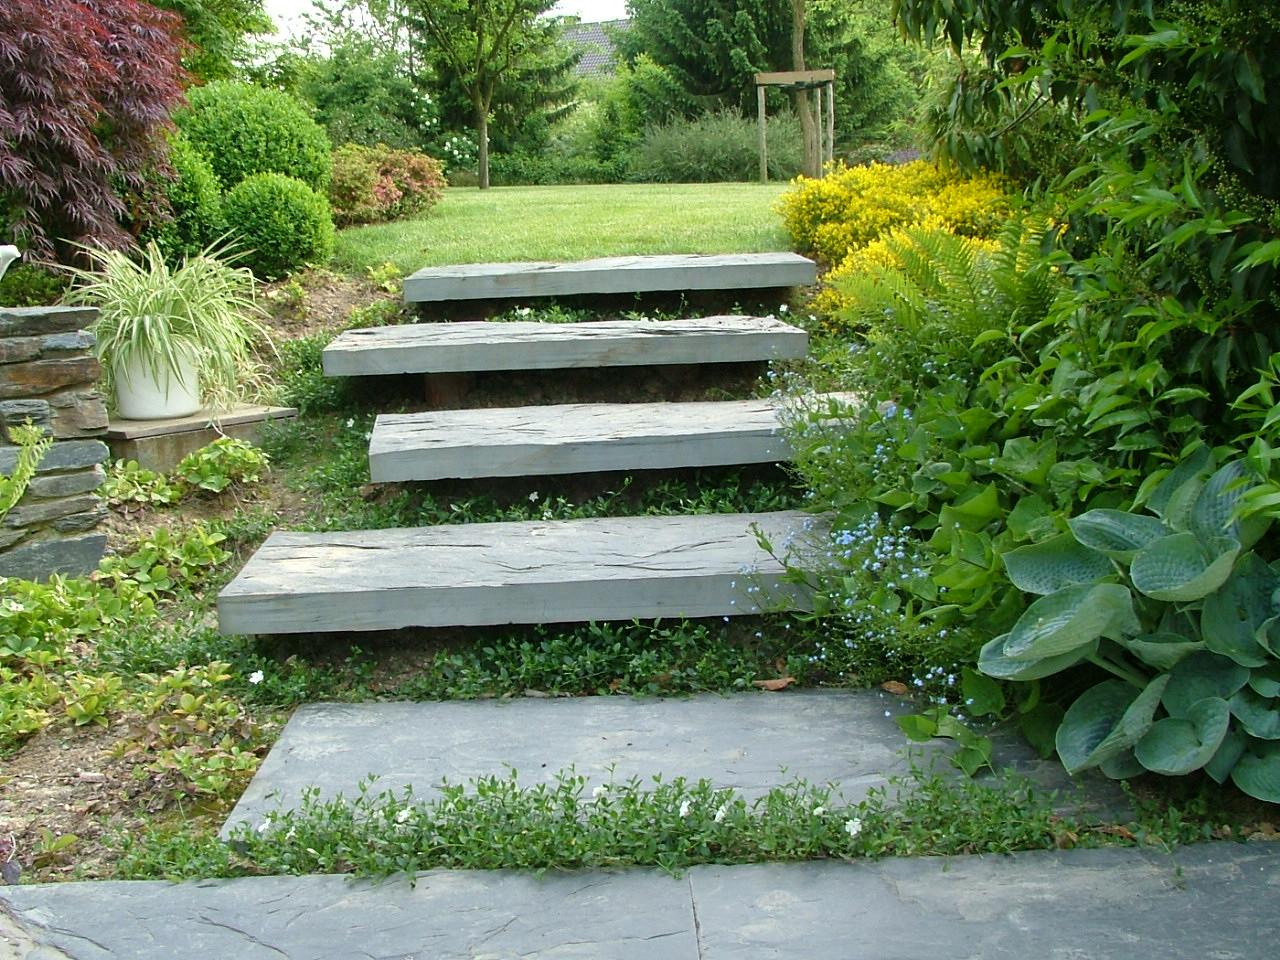 Escalier_Suspendu_Exterieur - Les Jardins Idée-Ô intérieur Deliège Florent - Parcs Et Jardins - Amenagement Exterieur